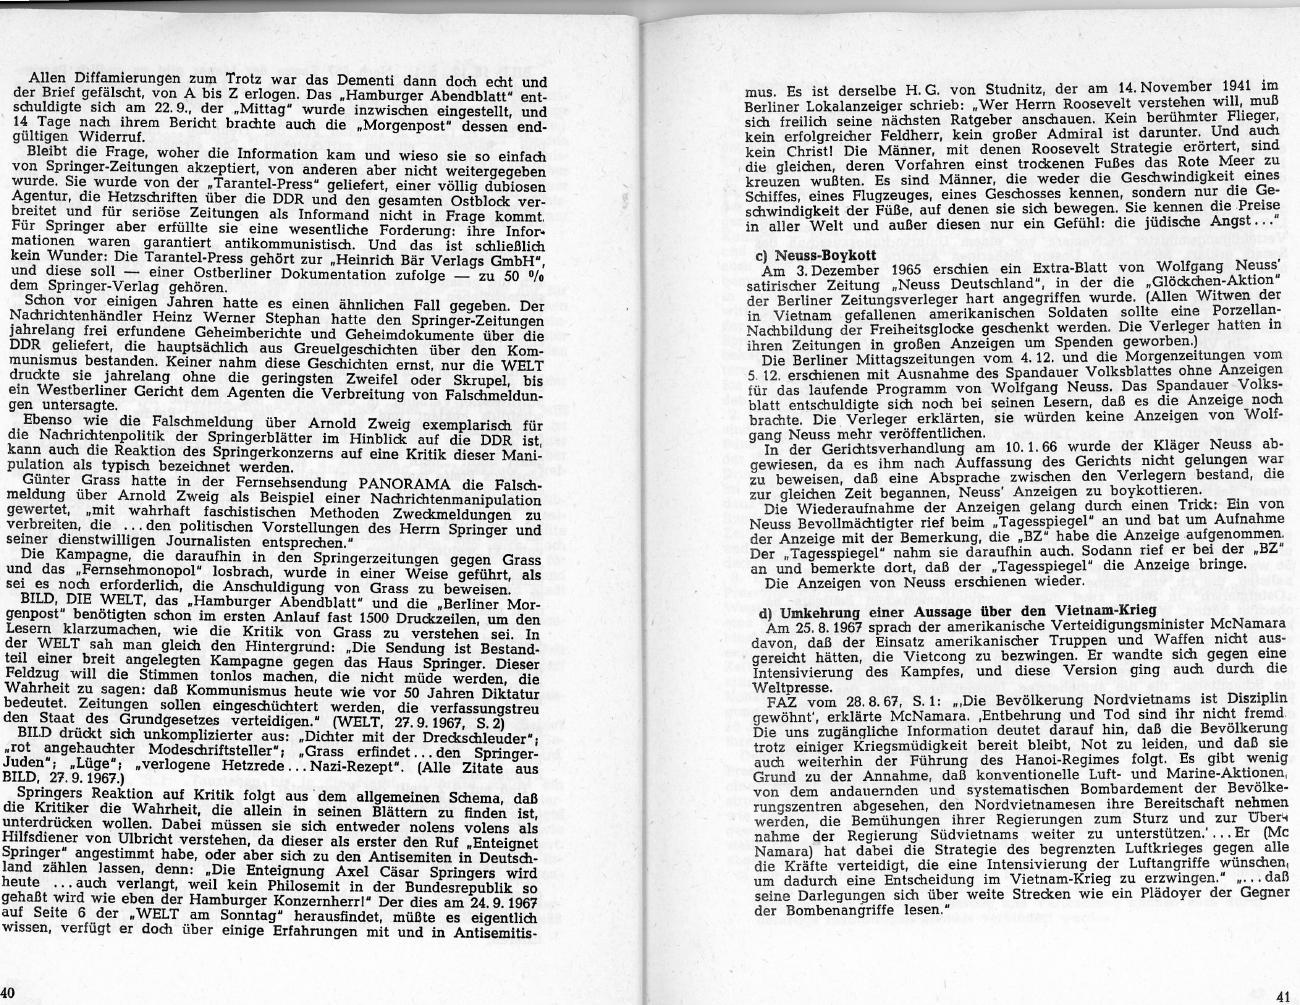 Berlin_RC_1967_Springer_enteignen_23